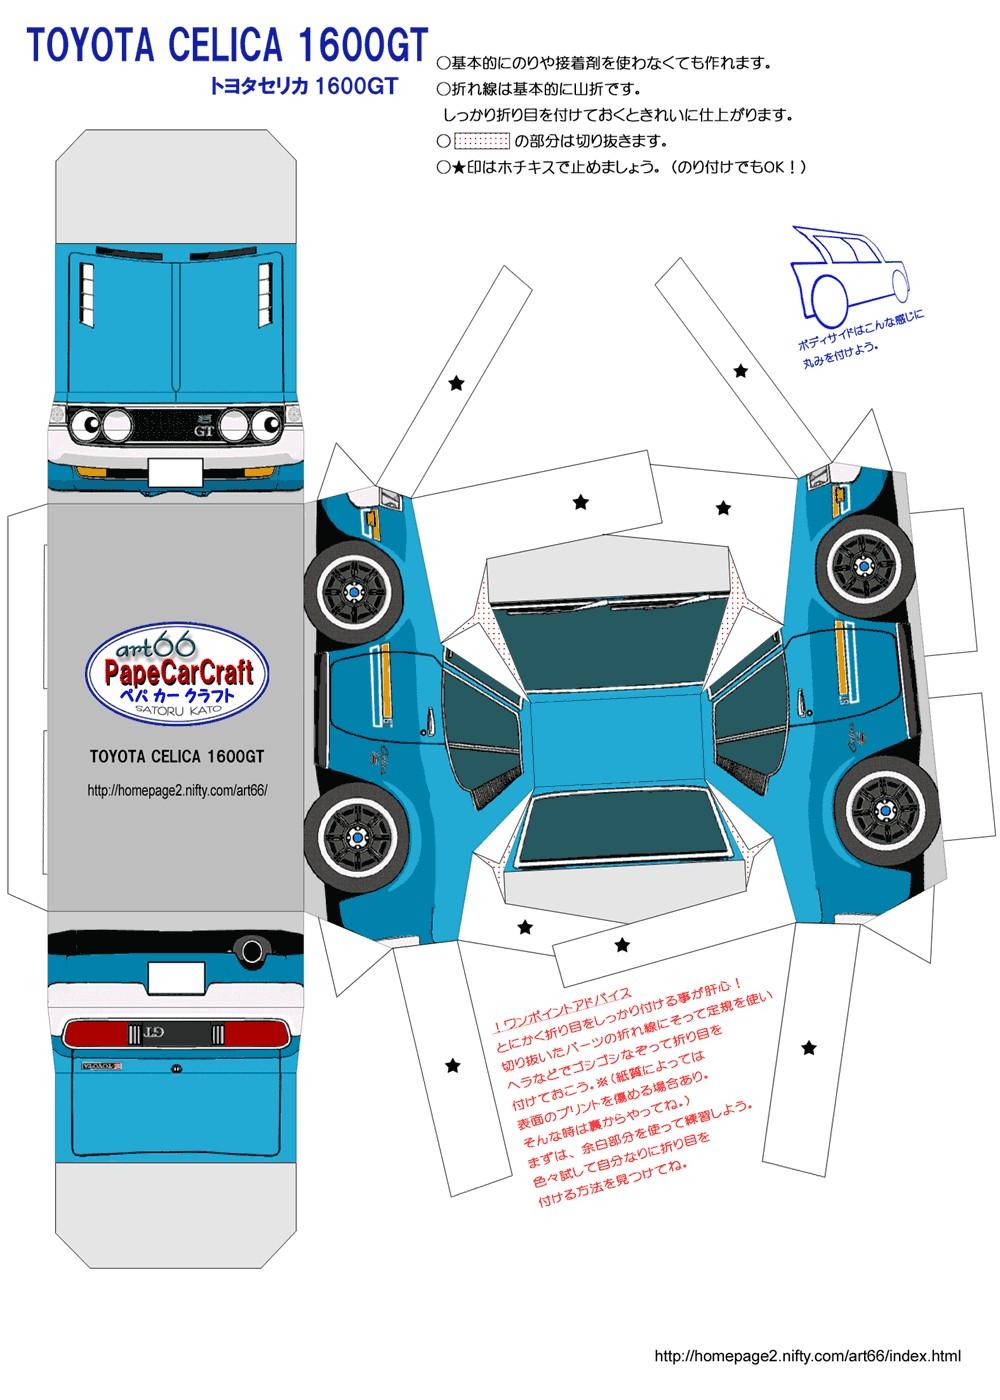 Gir Papercraft Imprima Recorte E Cole Seu Papercraft De Carro ´nibus Ou Caminh£o